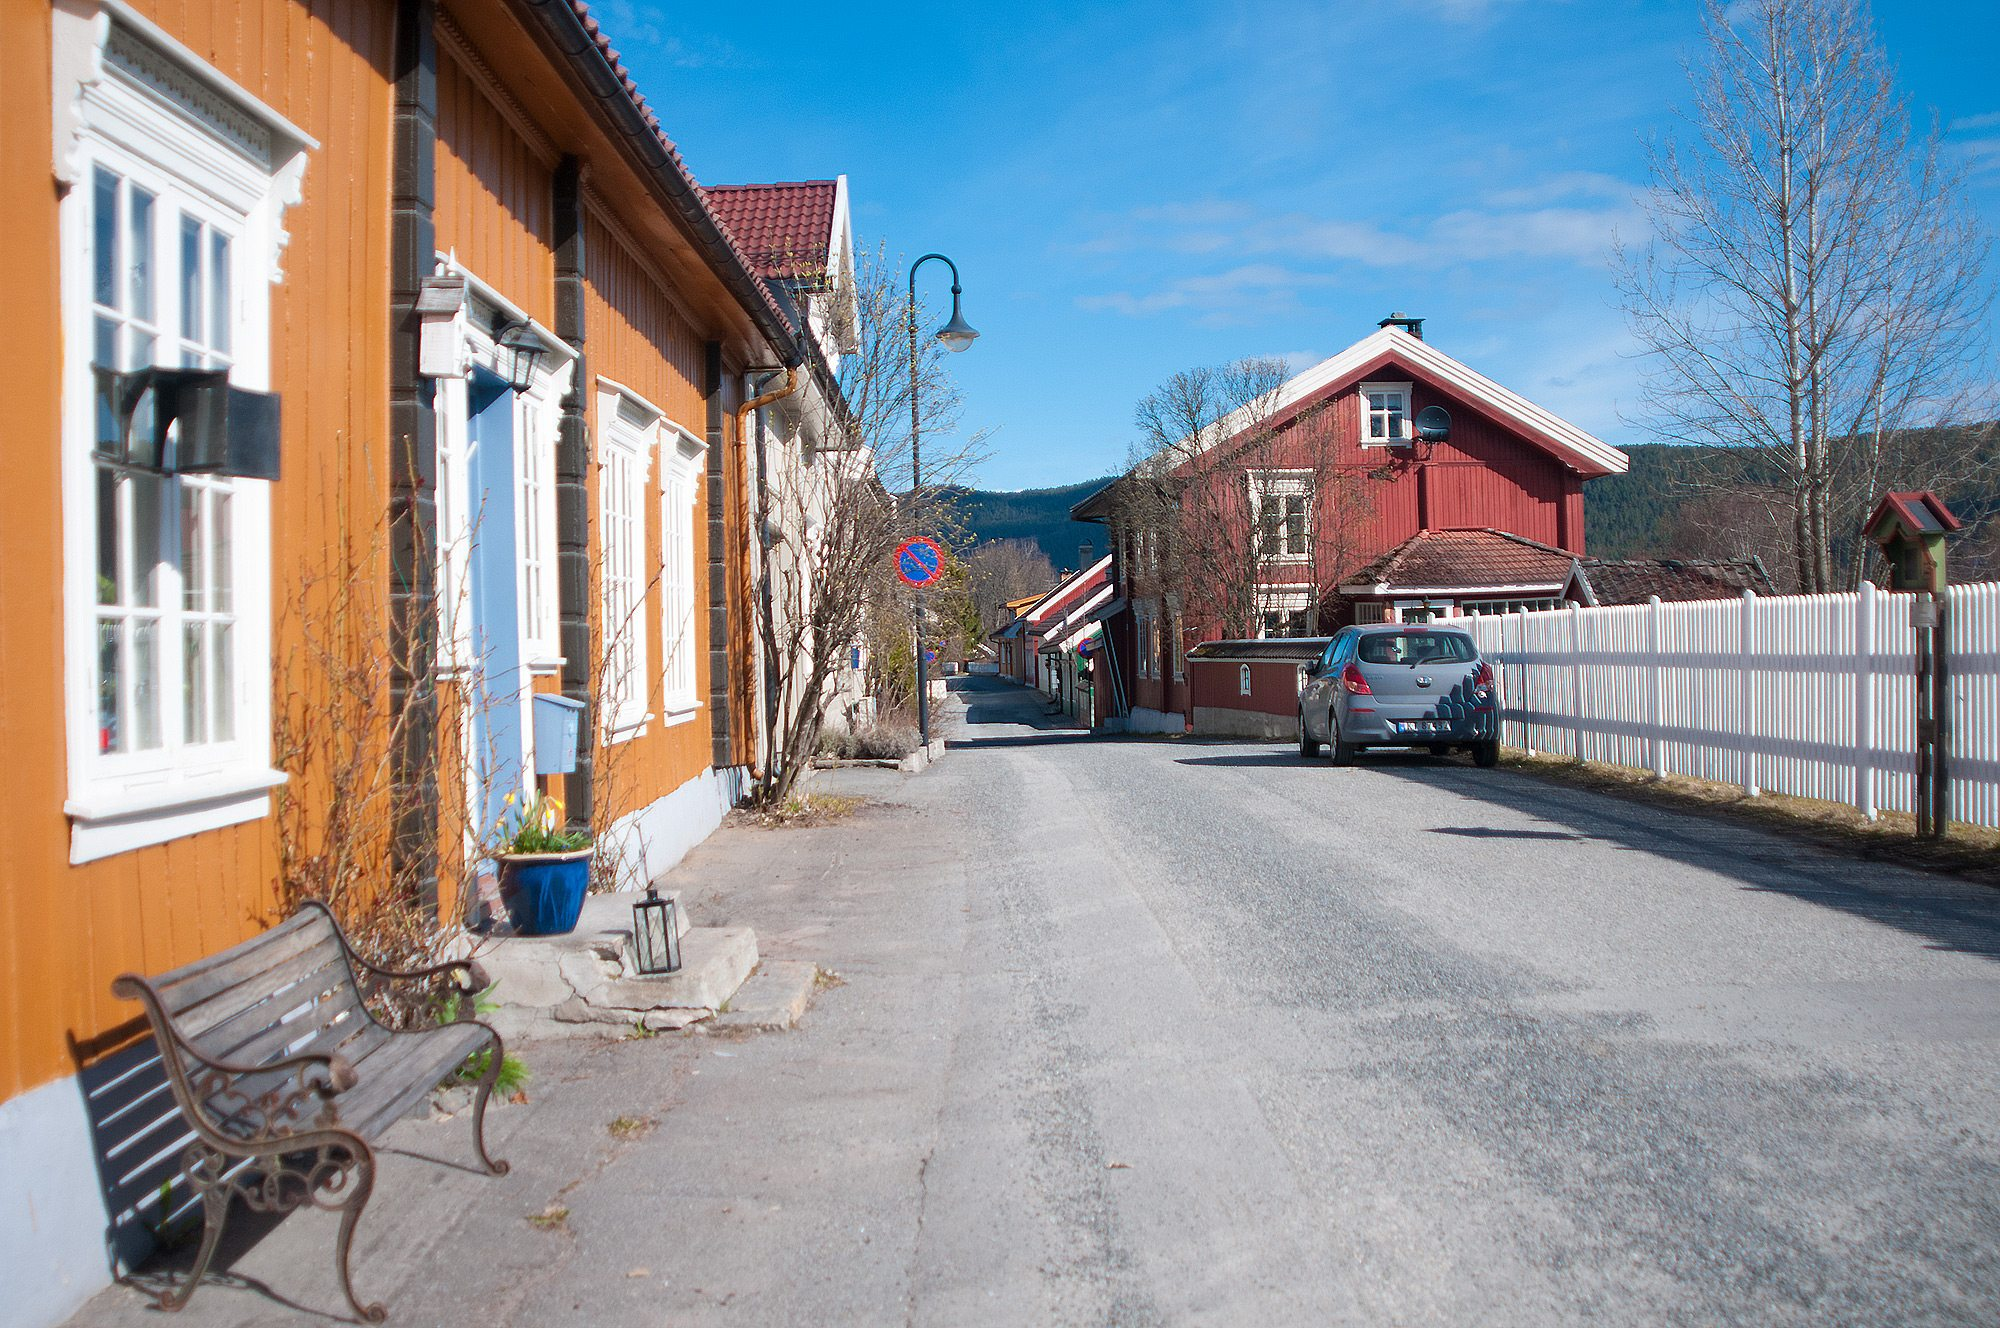 Denne prisvinnende gata har godt bevarte trehus som perler på snor. Men hva heter den?